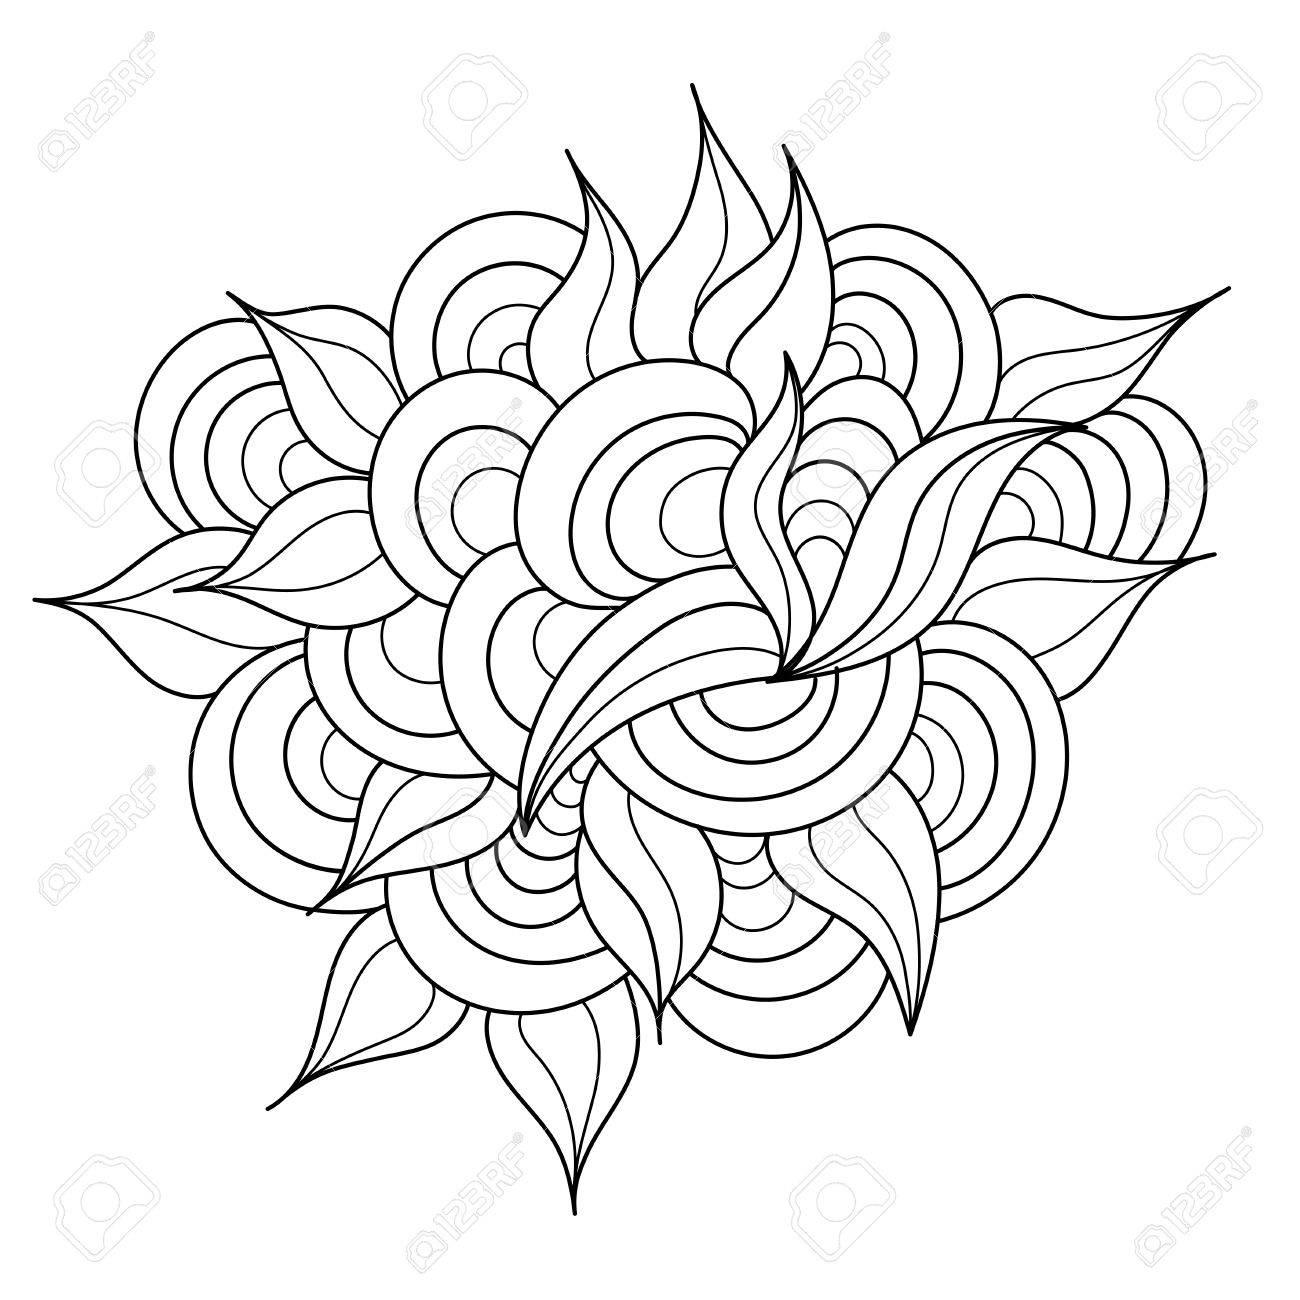 Hand Gezeichnet Zentangle Element. Schwarzweiss-Gekritzel-Muster Für ...